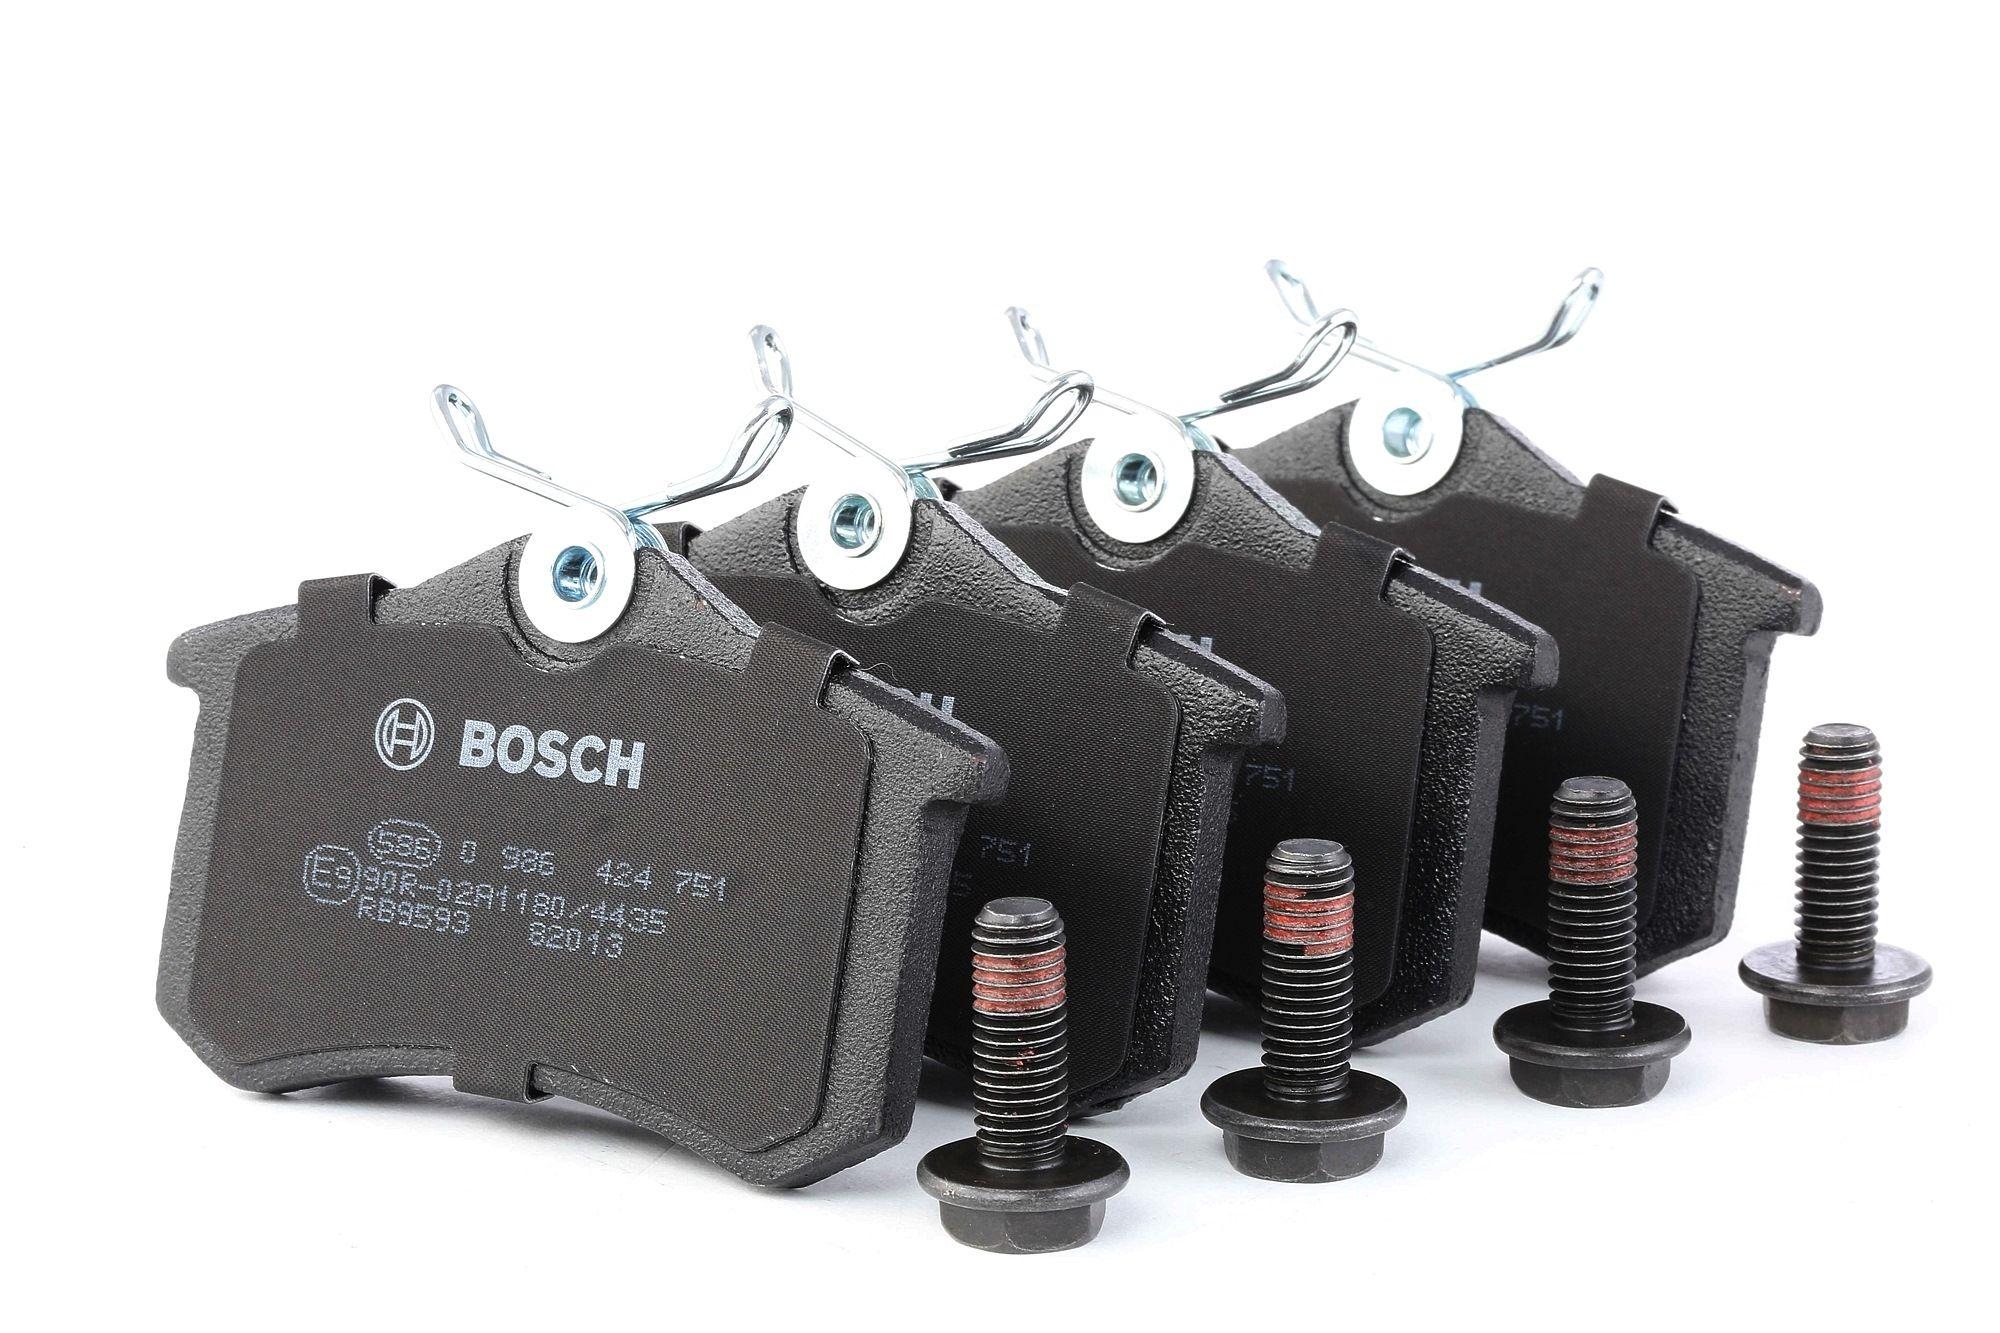 Bremsbelagsatz BOSCH E190R011209084 Bewertung